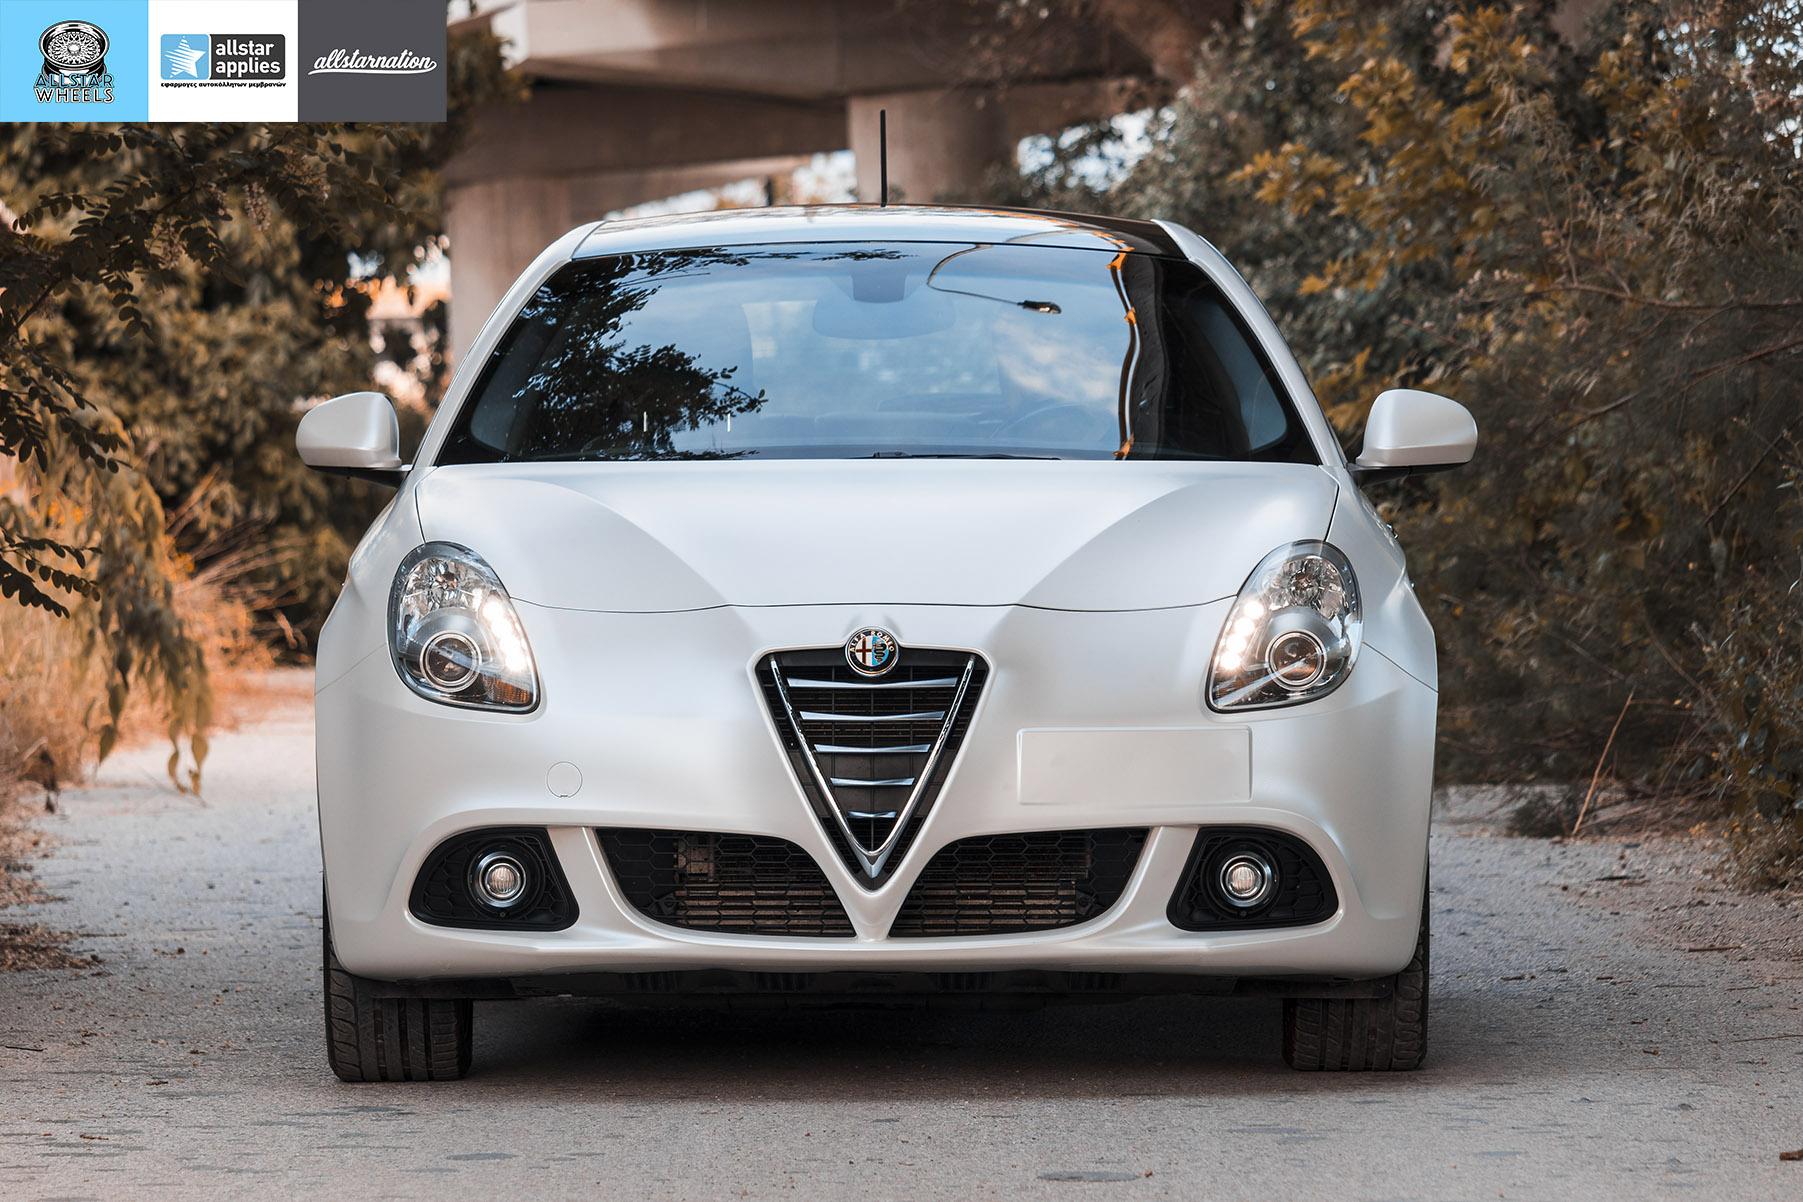 Μεμβράνες Αυτοκινήτου Άσπρο Ματ Alfa Romeo Giulietta | Allstar Applies Θεσσαλονίκη